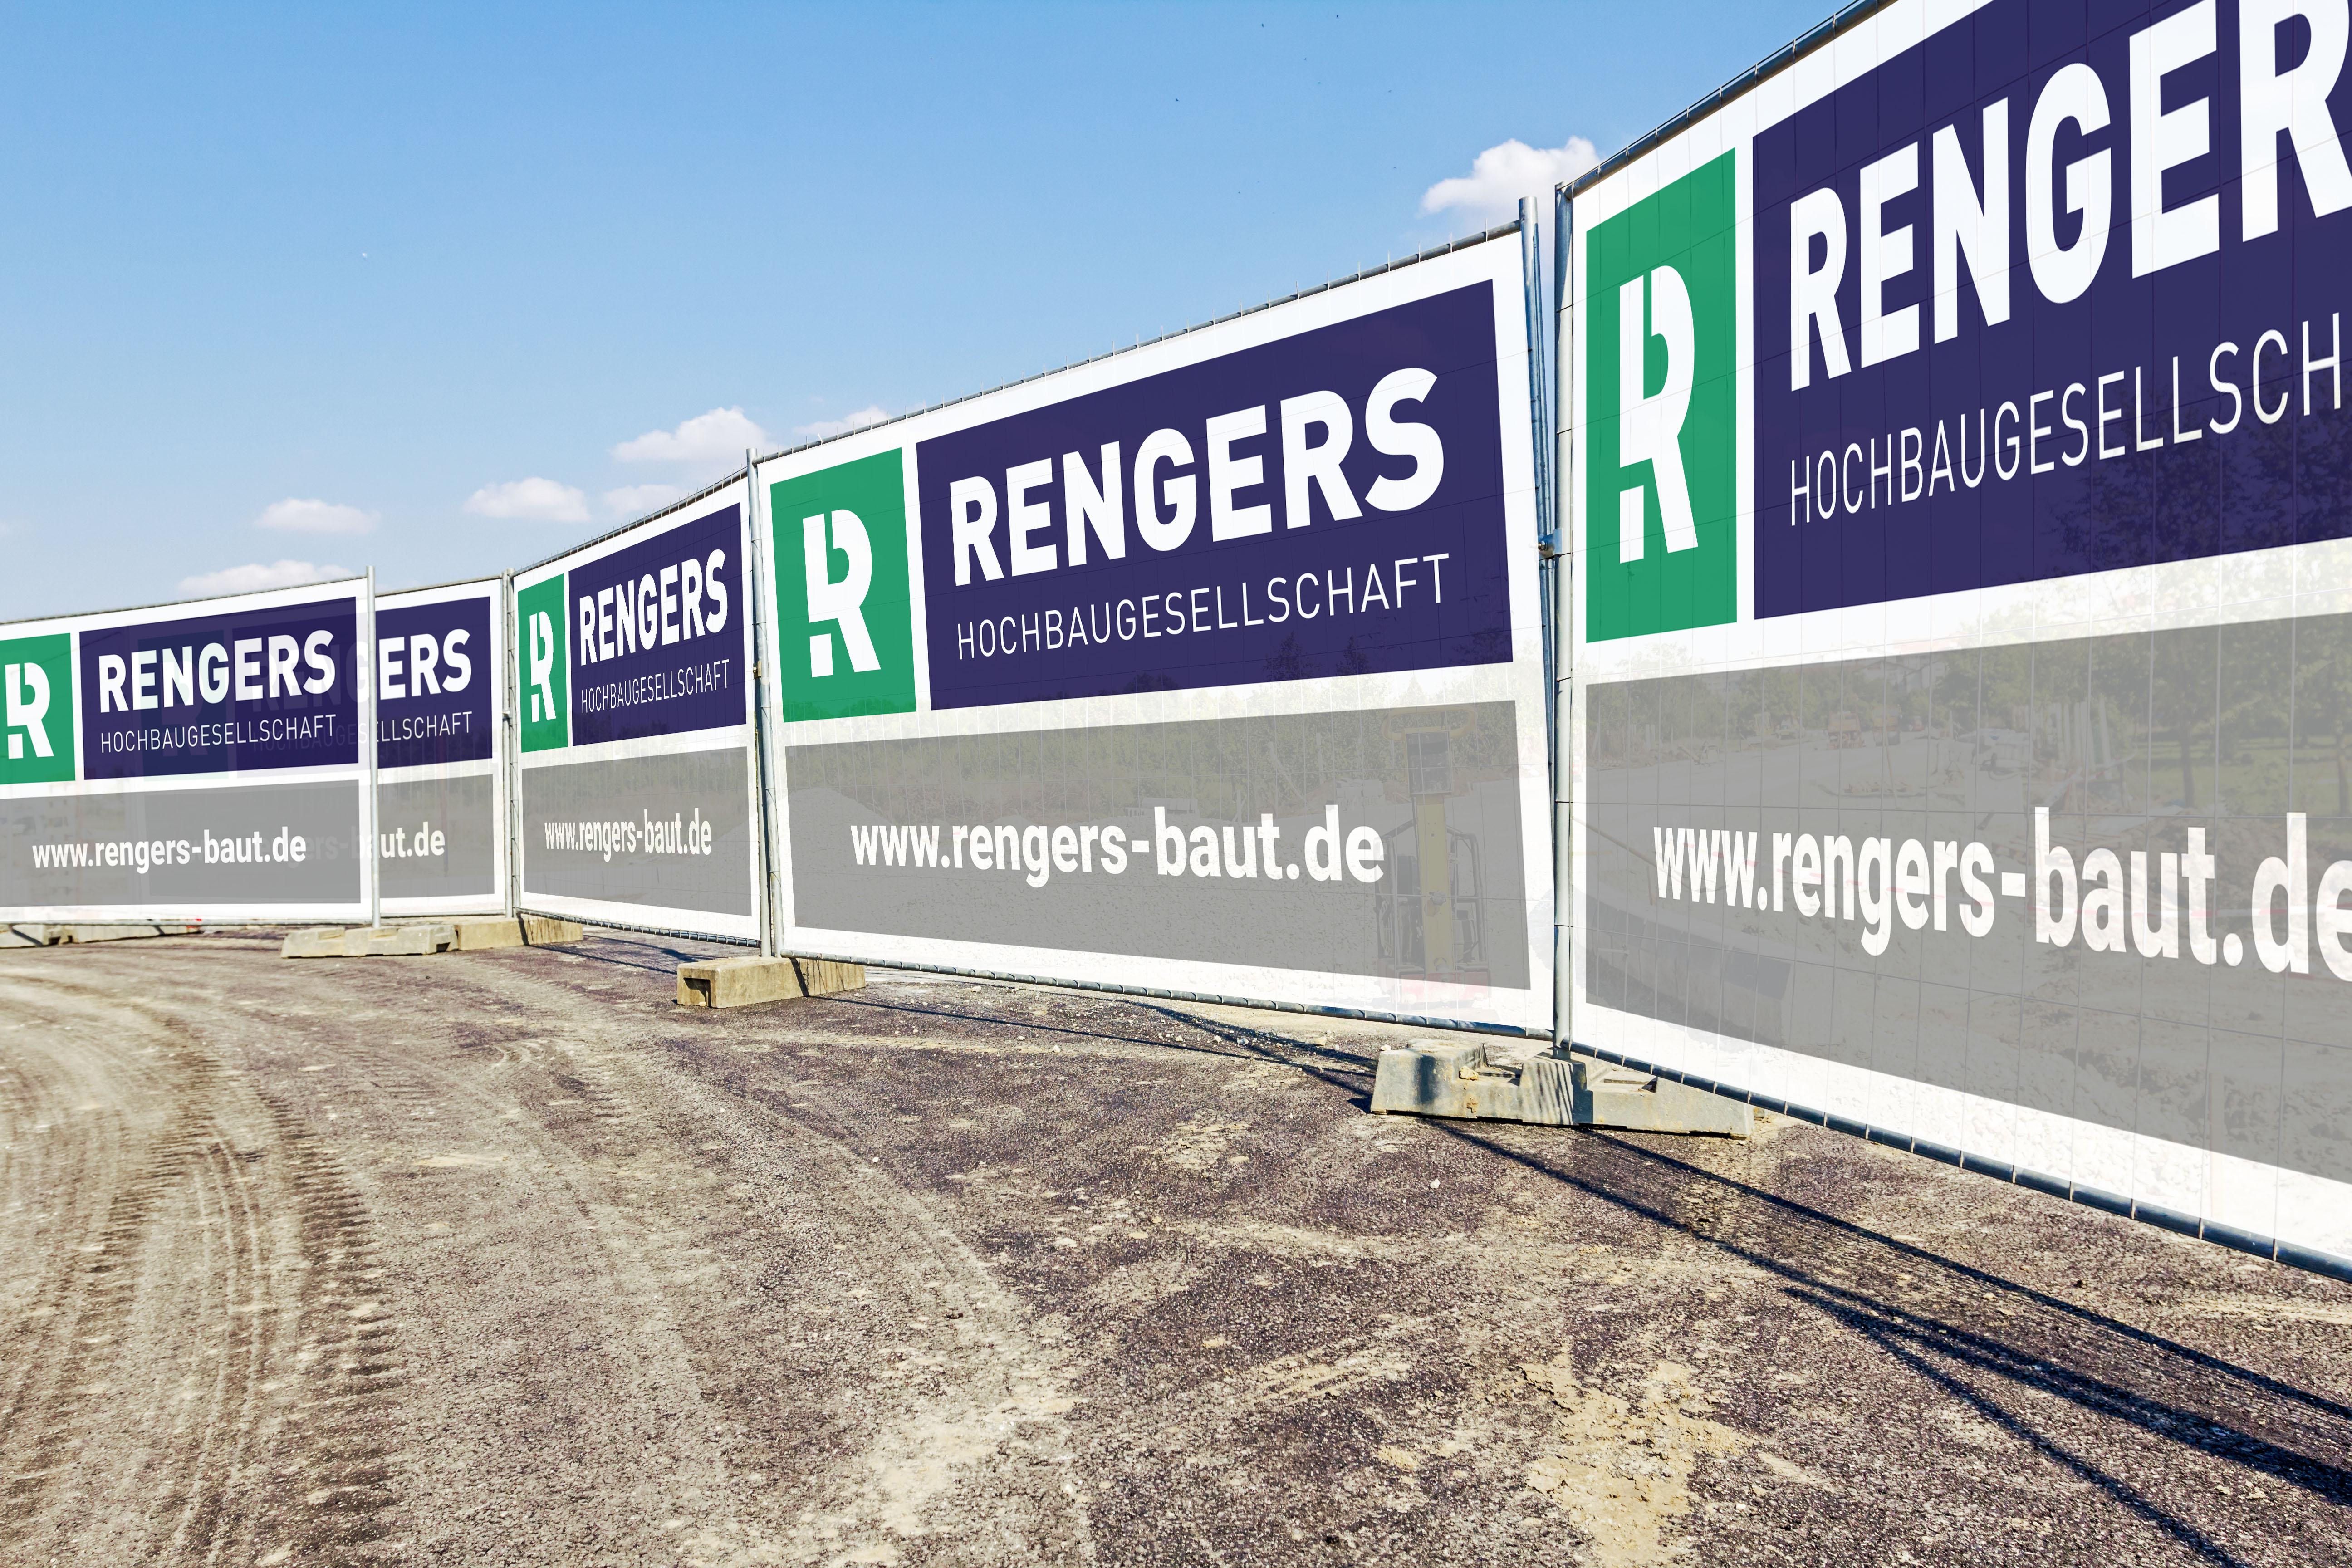 Die neue Bauzaunplane der Rengers Hochbaugesellschaft